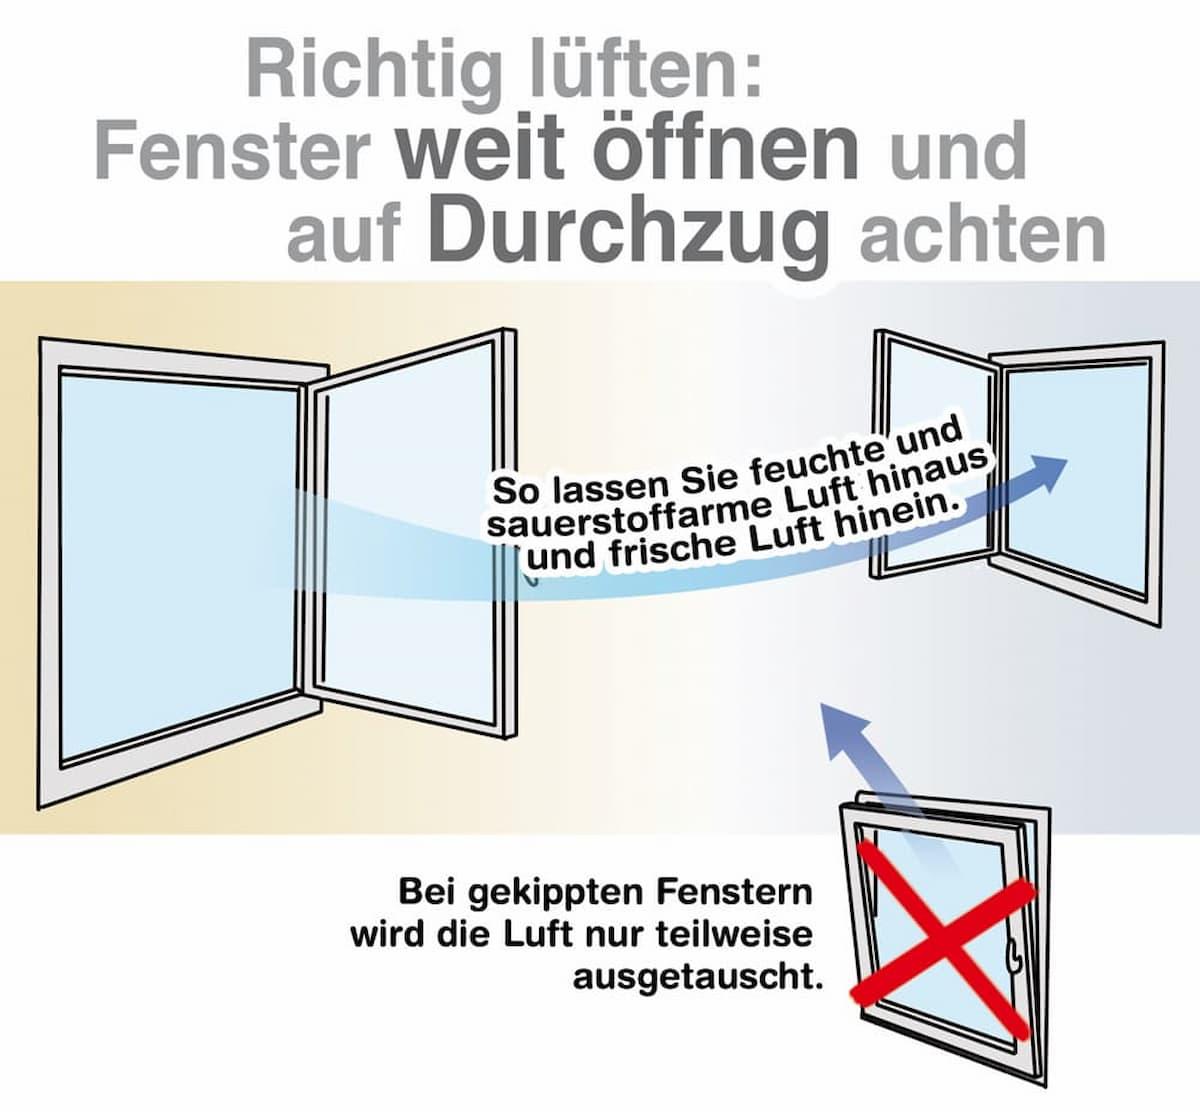 Fenster nicht auf Kipp stellen sondern Stoßlüften